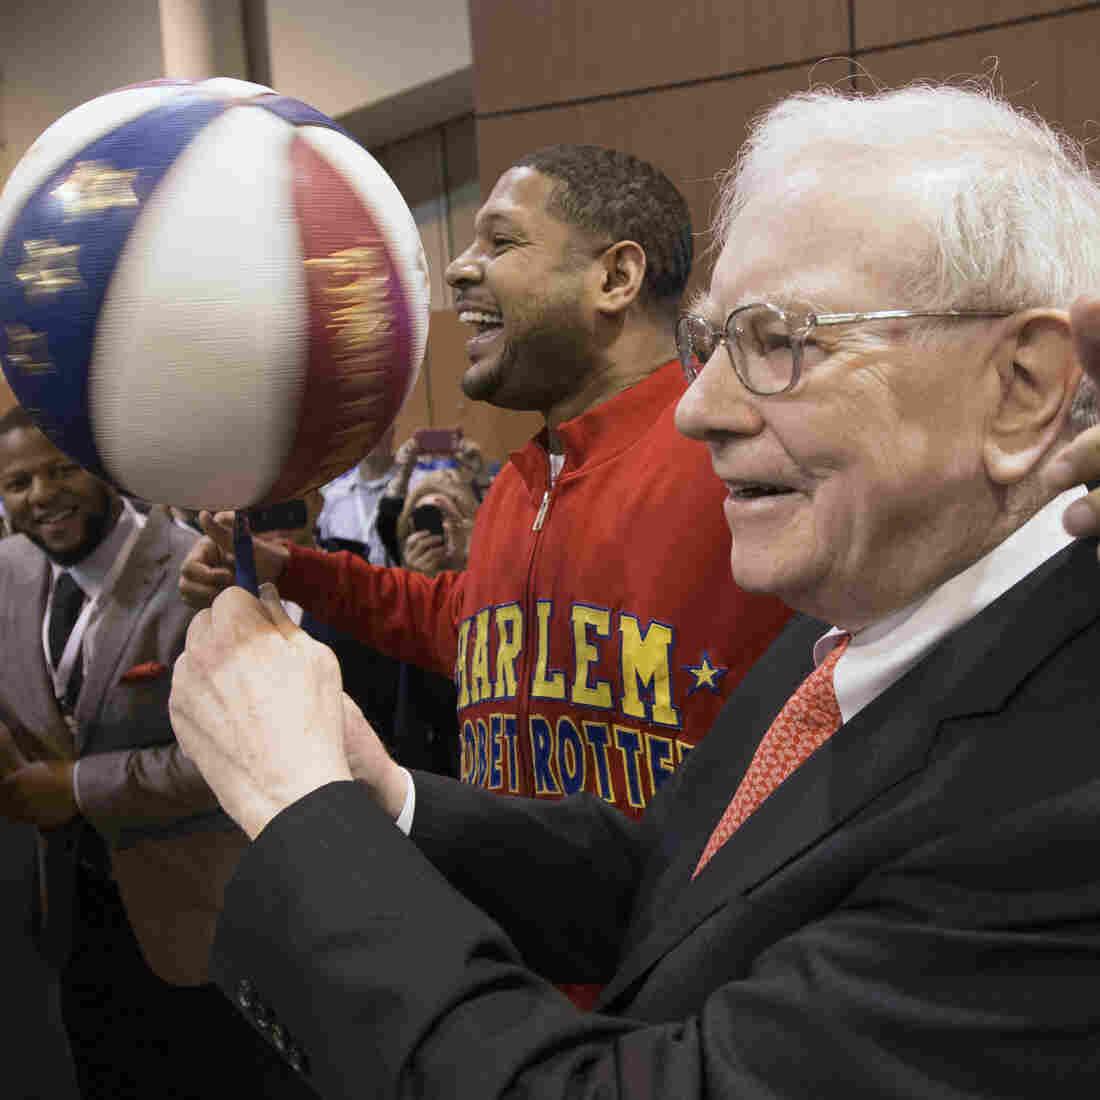 Warren Buffett's $1 Billion Basketball Bet Is A Very Long Shot